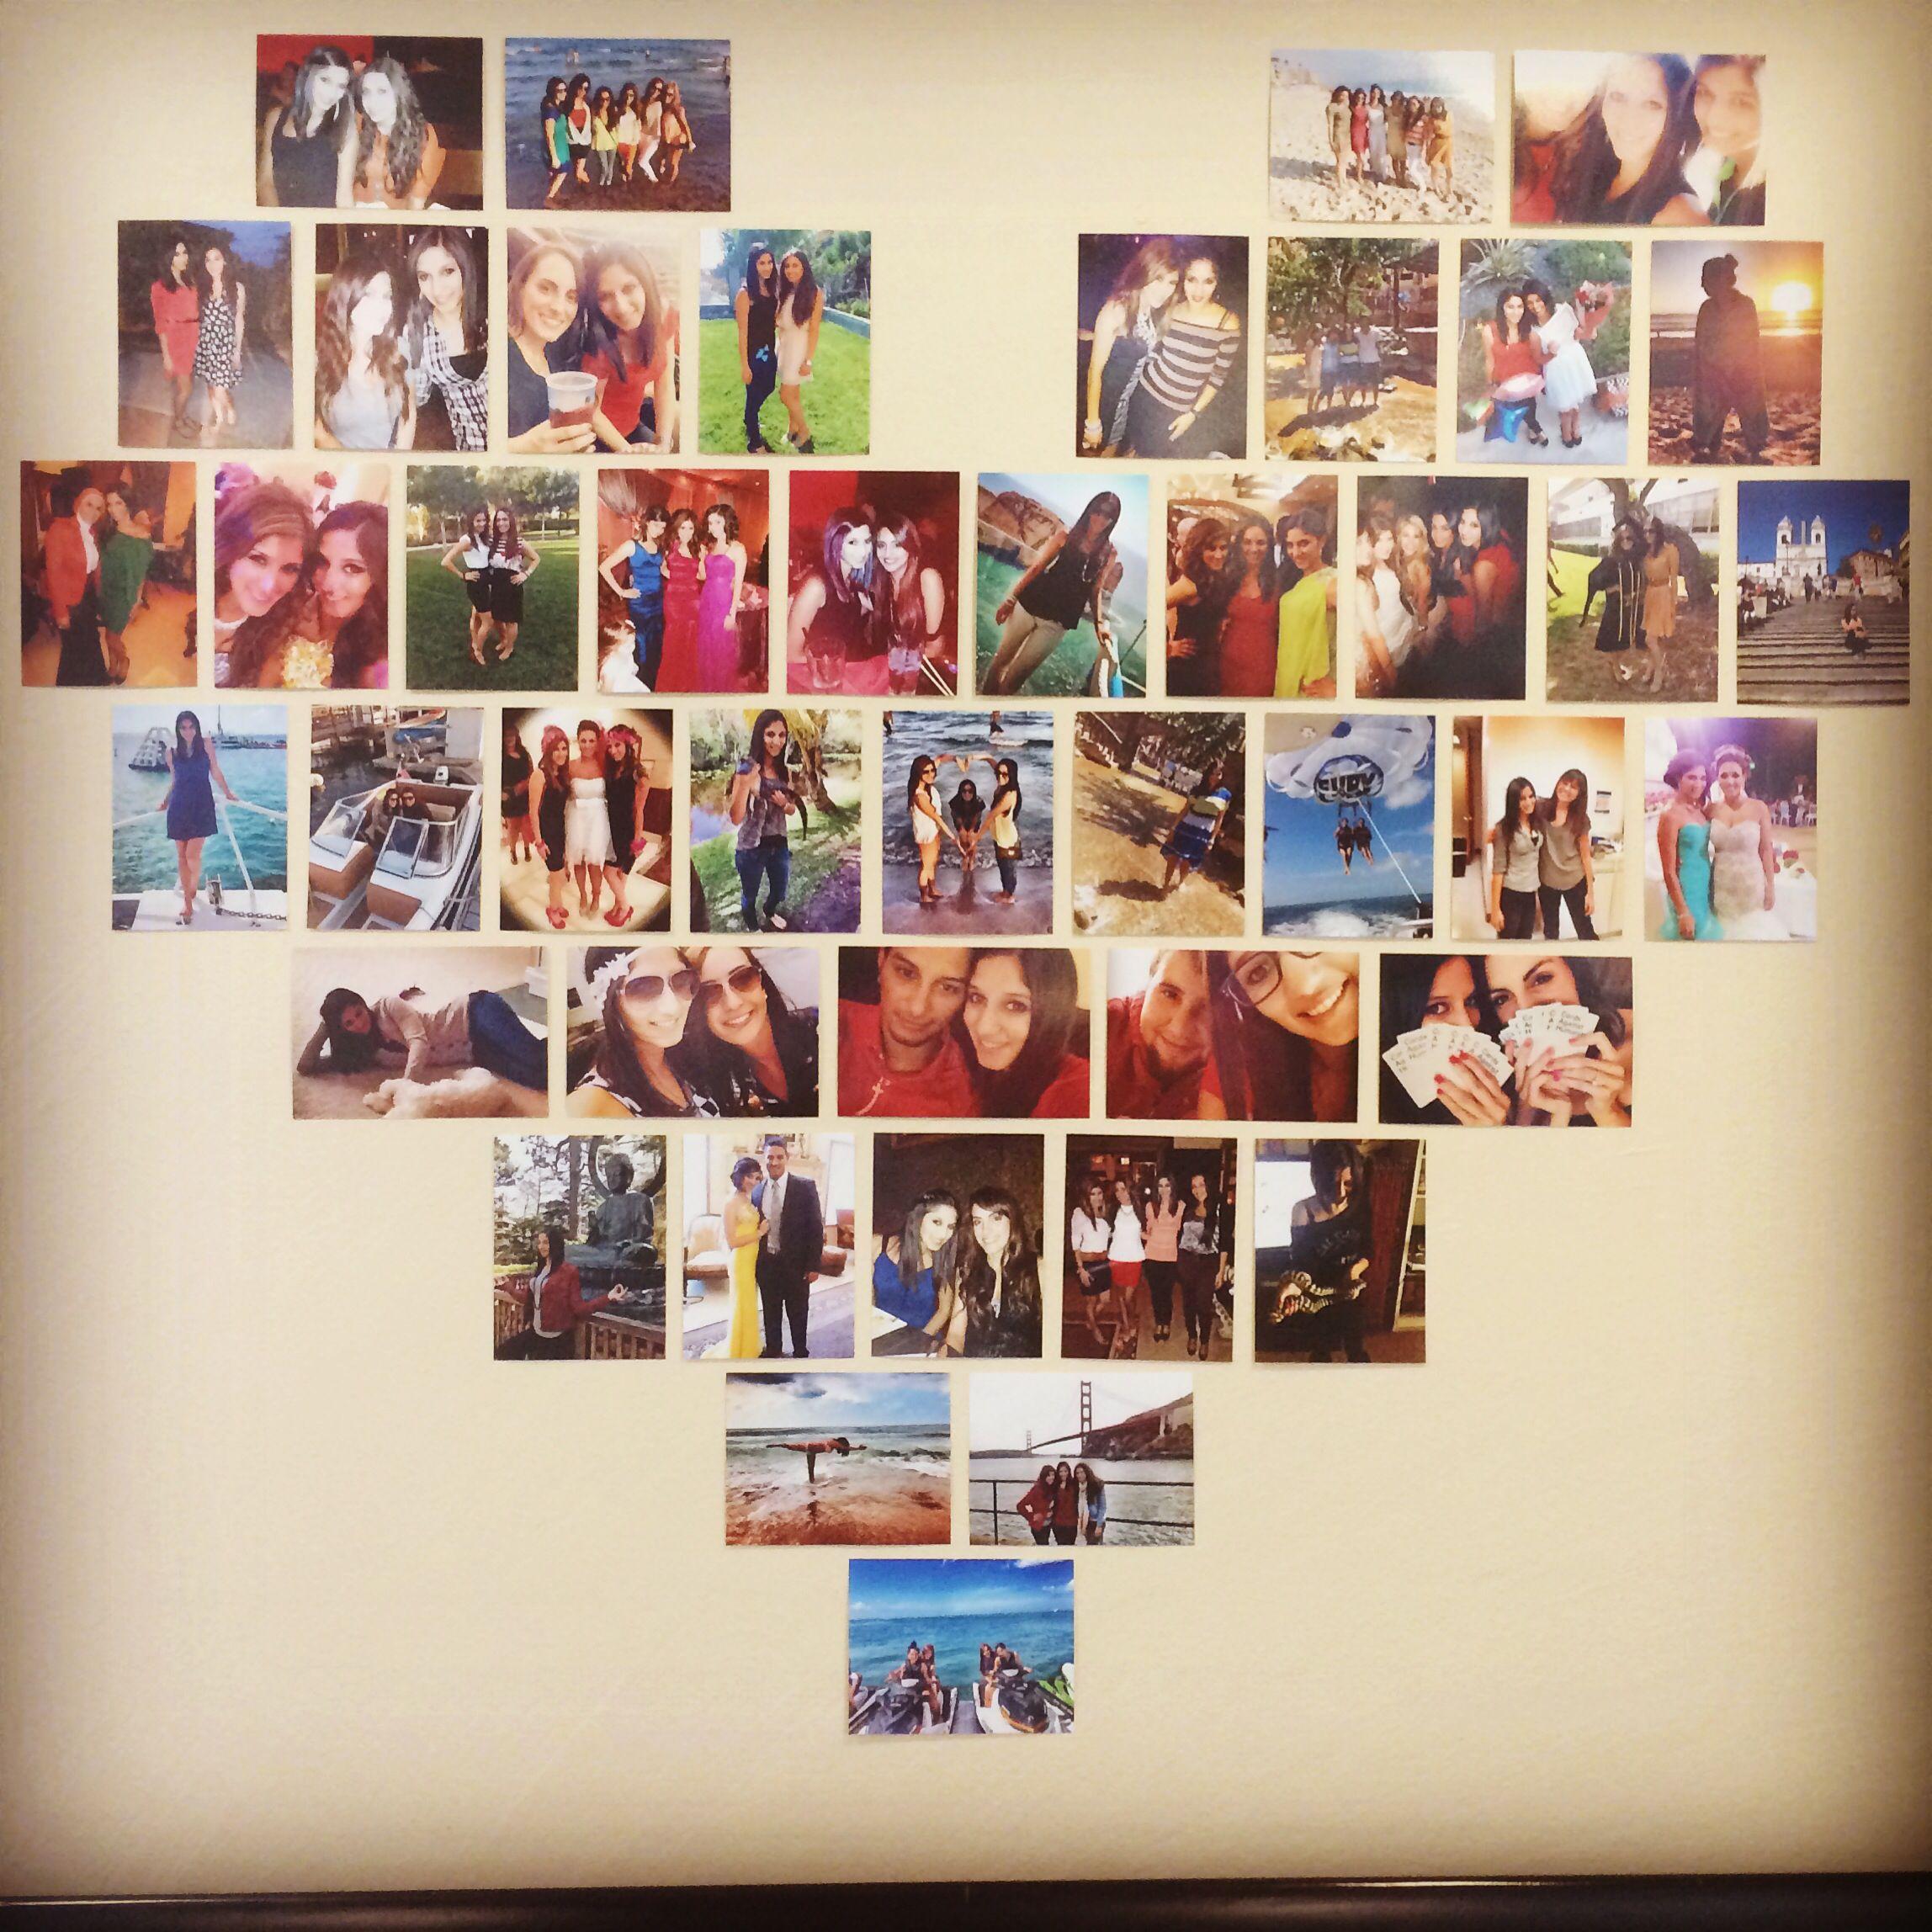 Heart Wall Art Picture Collage Collage Wände Zimmerdekoration Bilder Aufhängen